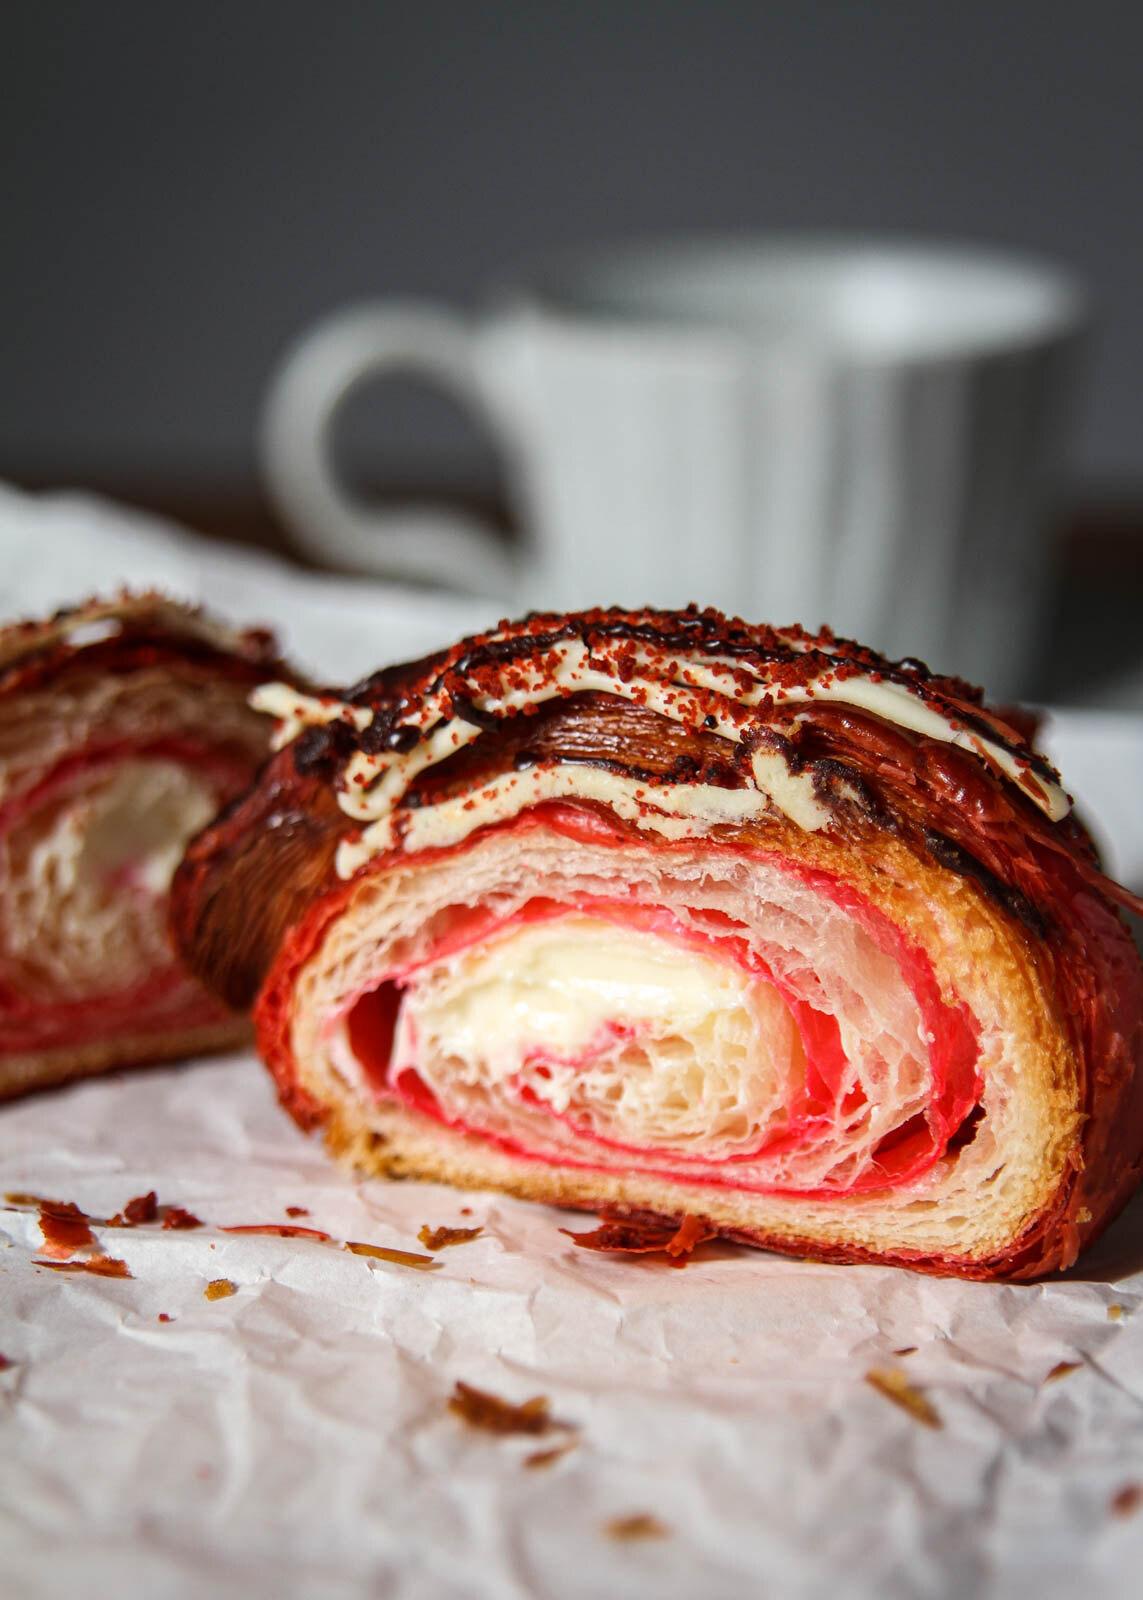 Konditori Red velvet croissant